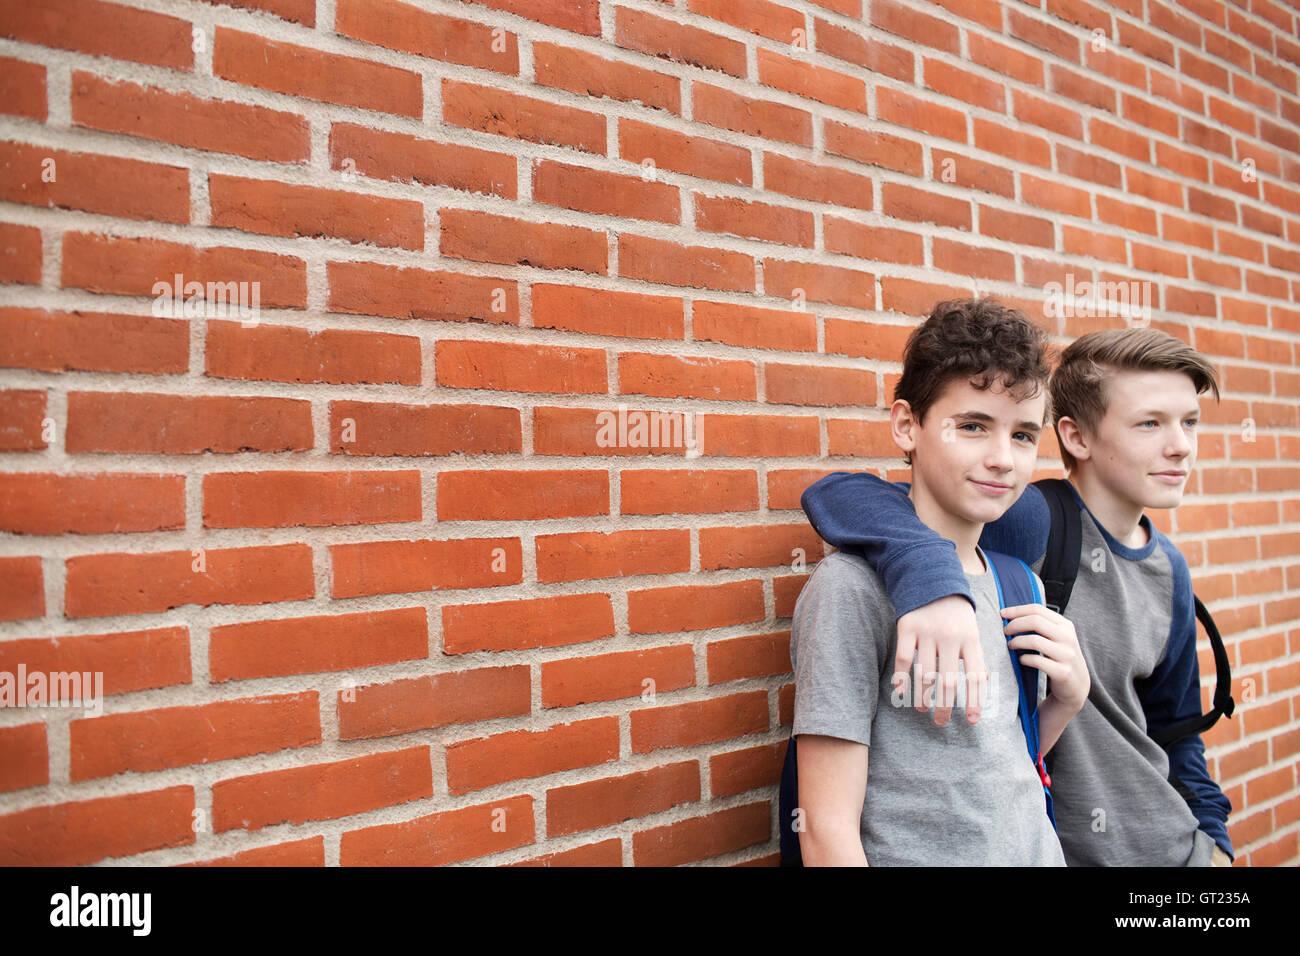 Los colegiales (12-13) en la parte delantera del edificio Foto de stock